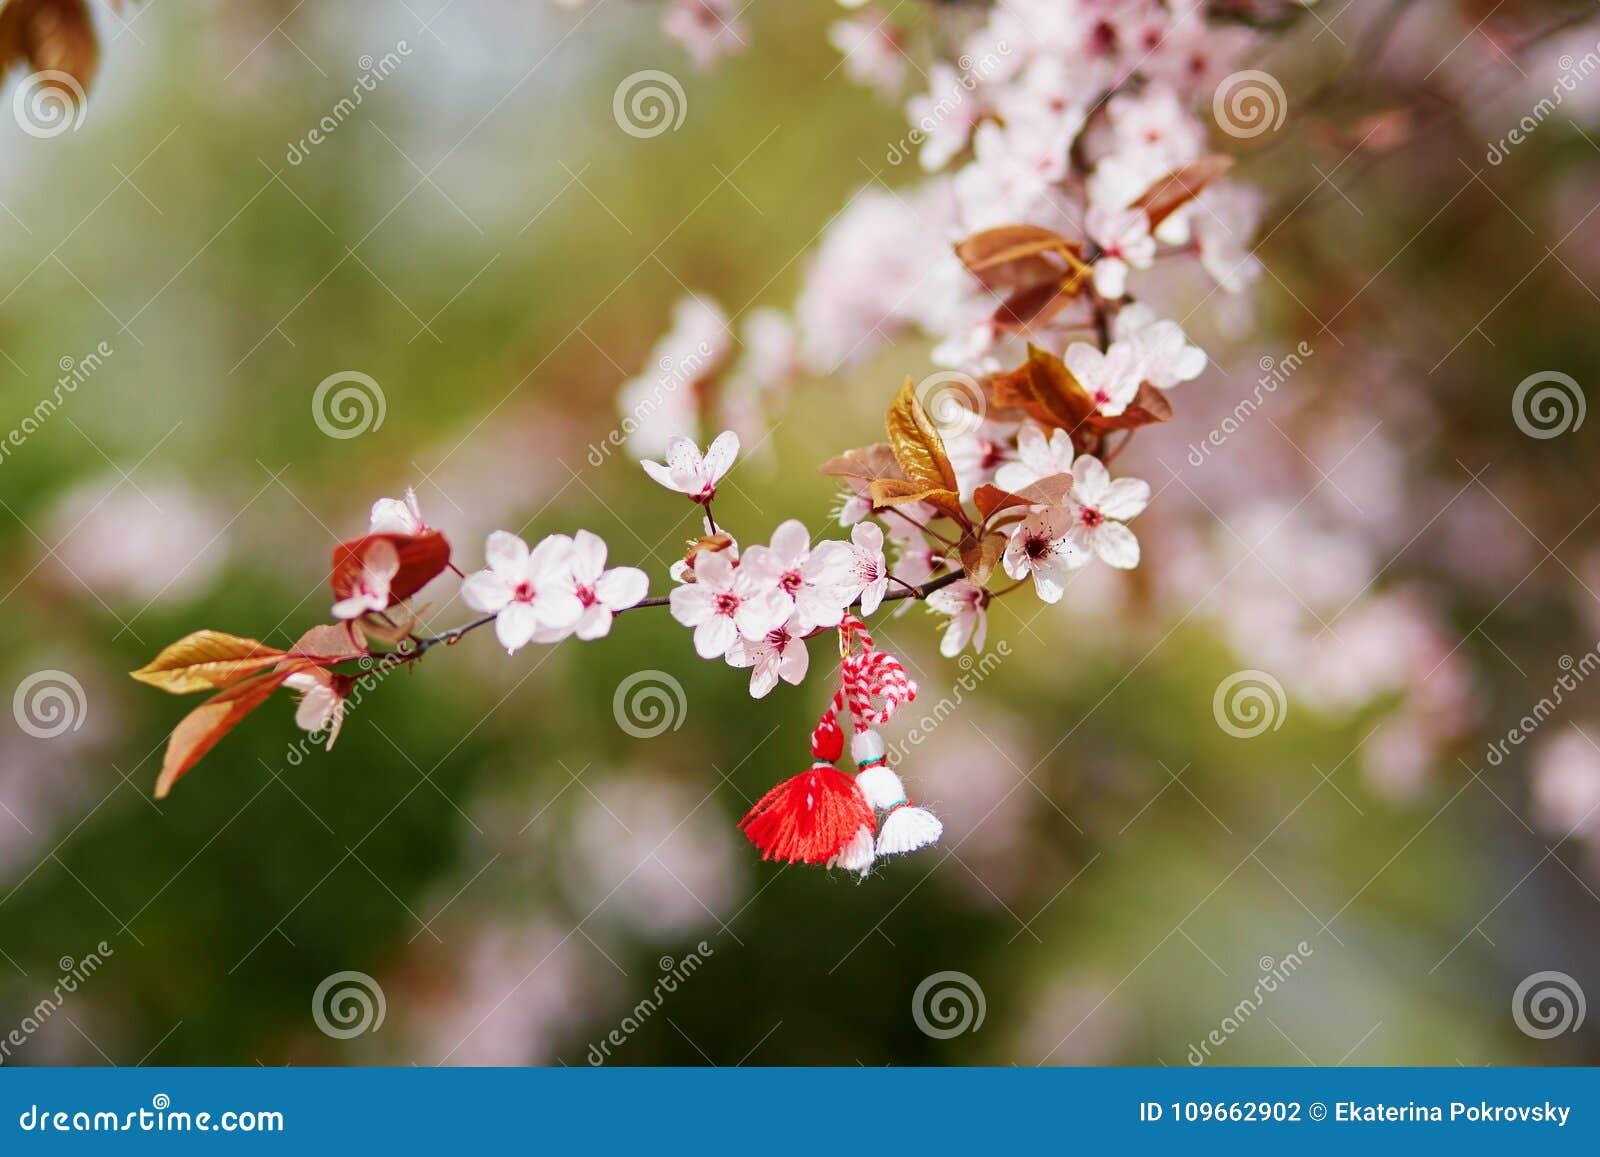 Ветвь вишневого дерева с martisor, традиционным символом первого весеннего дня